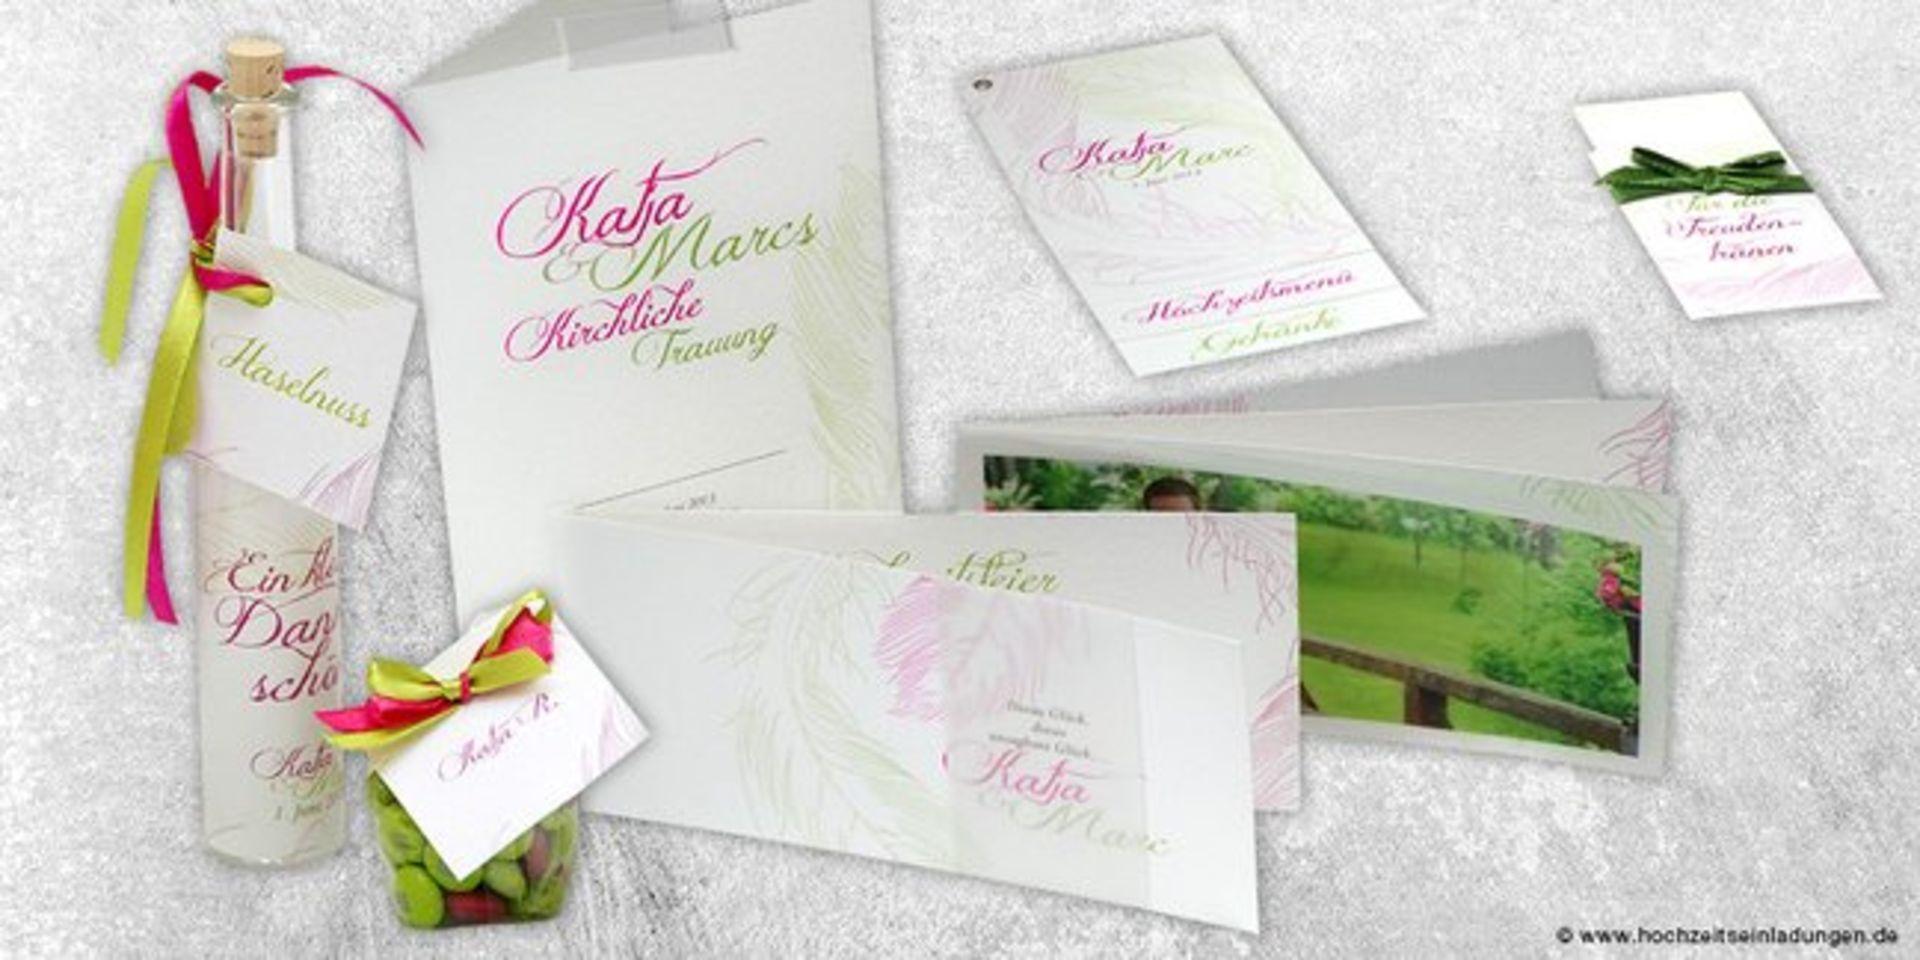 hochzeitsgedichte & hochzeitsreime für ihre einladungskarten, Einladung